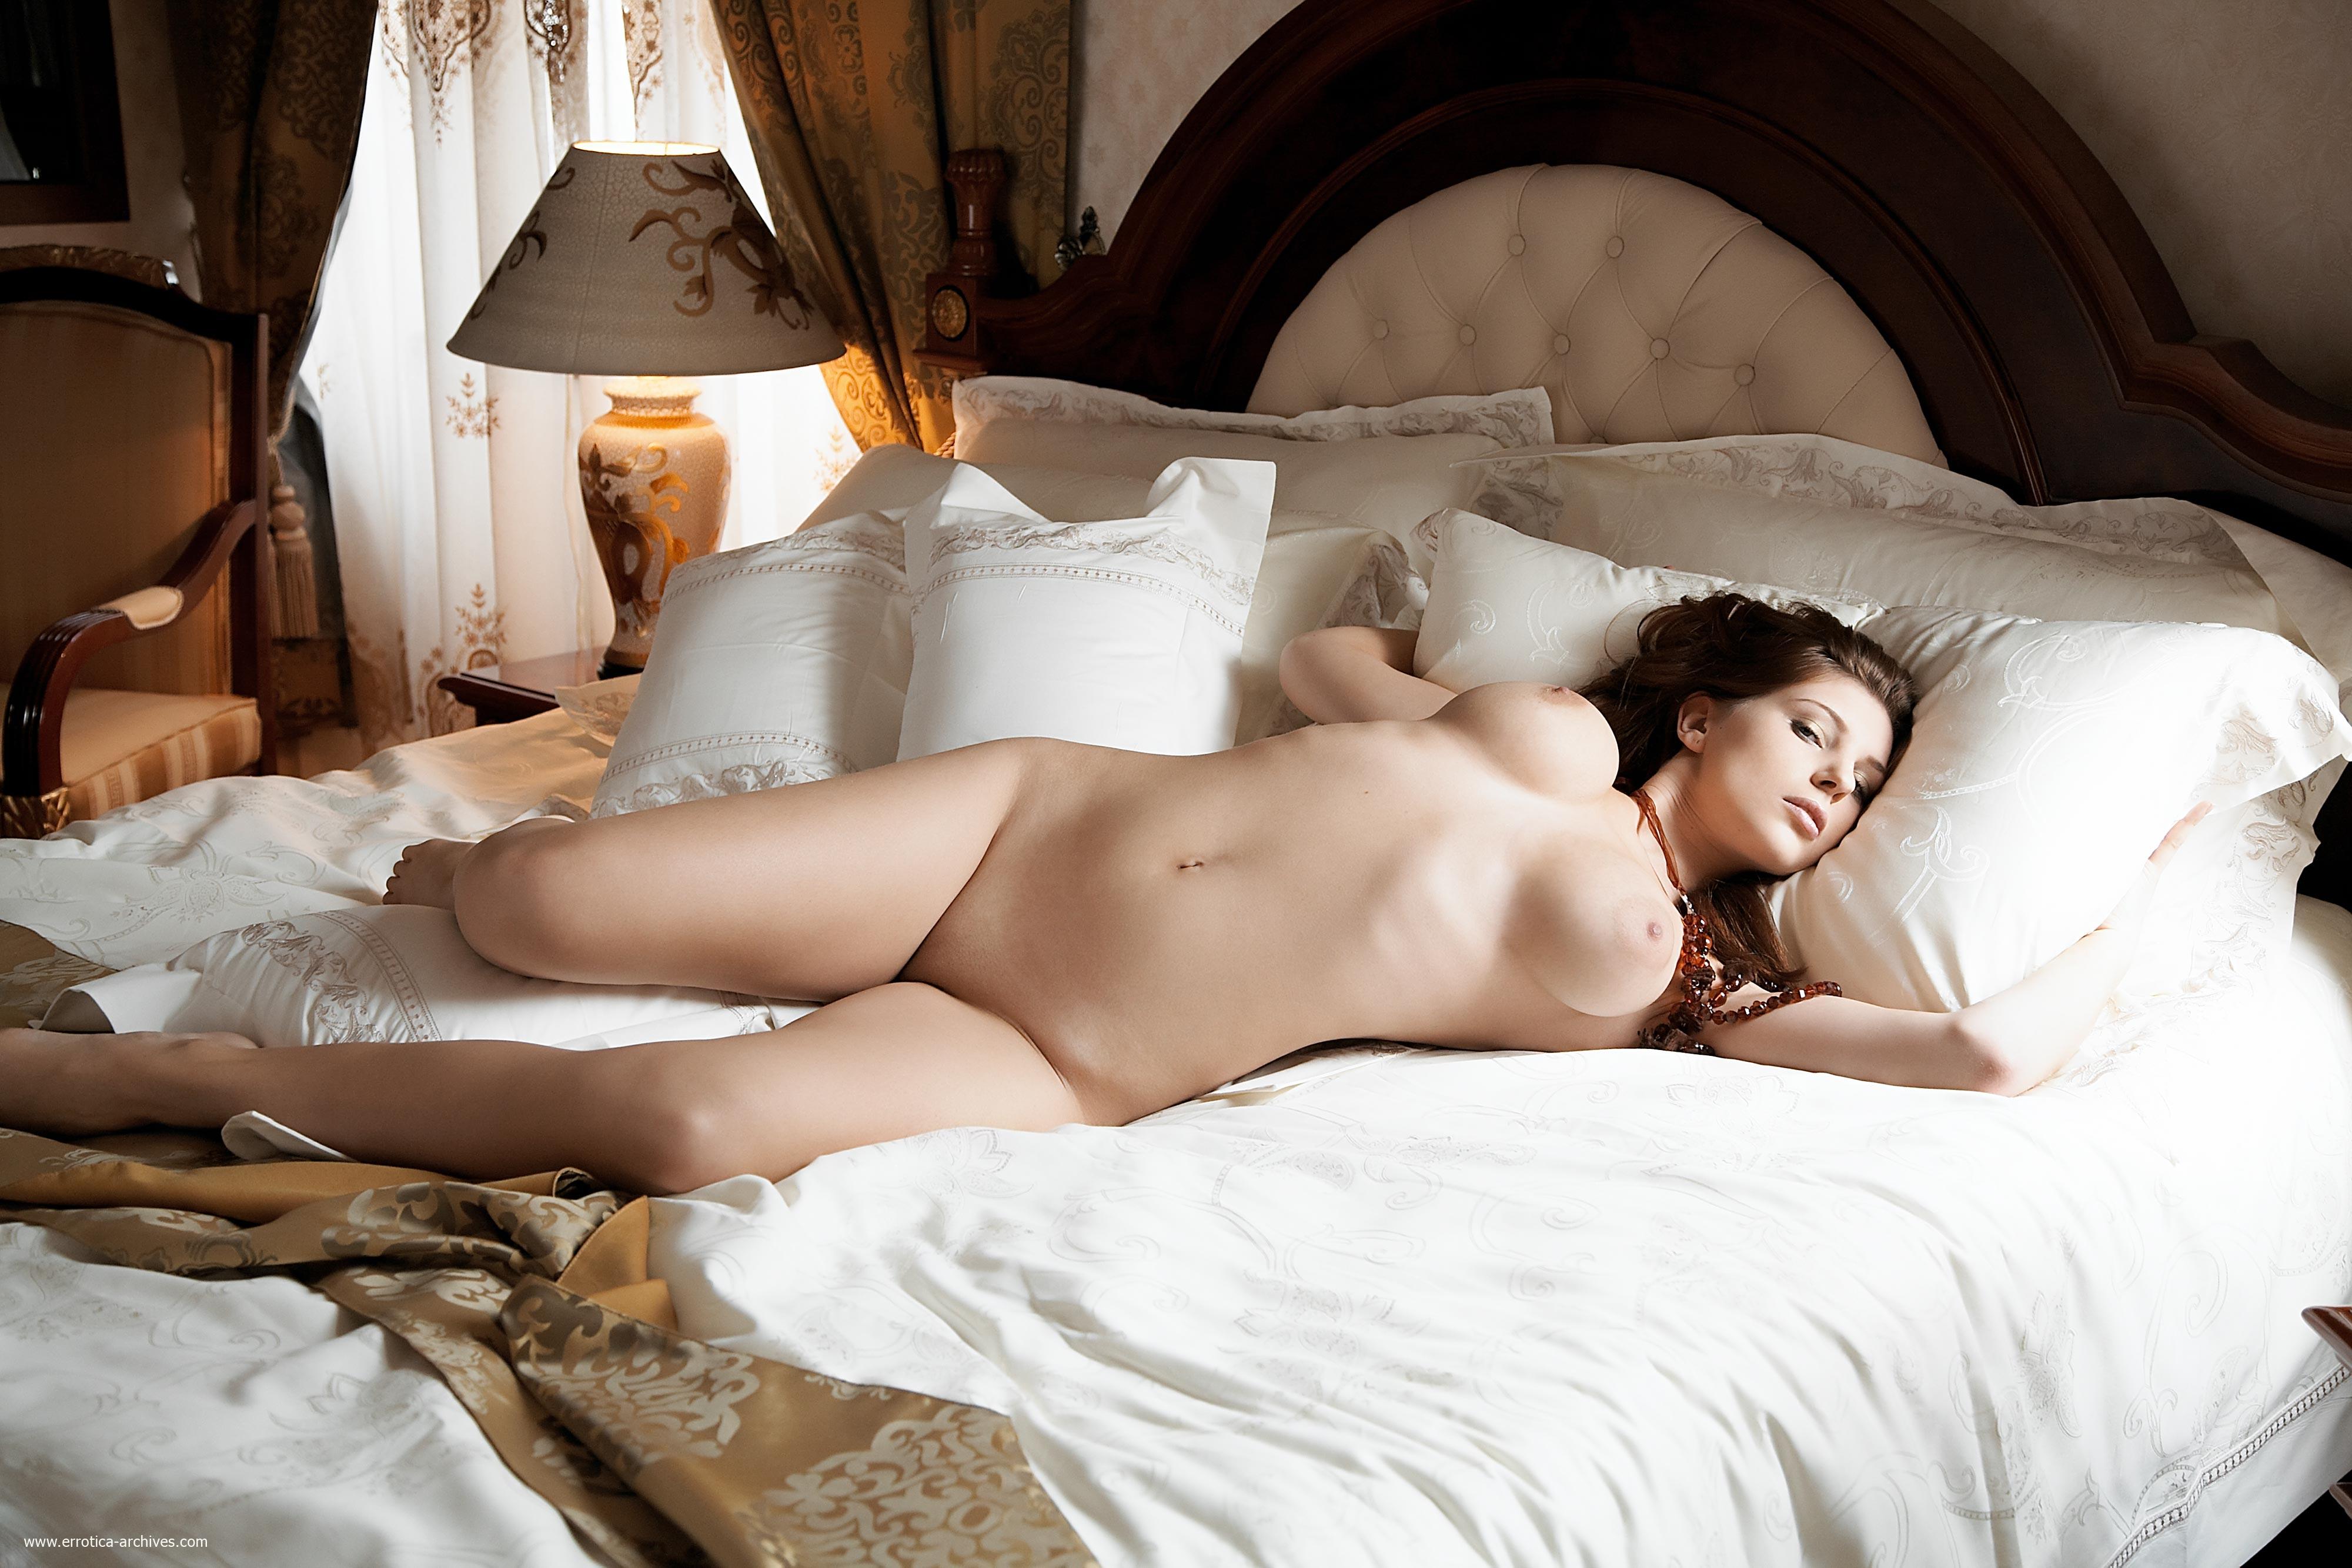 Фигуристую маму первый раз на кровати 12 фотография